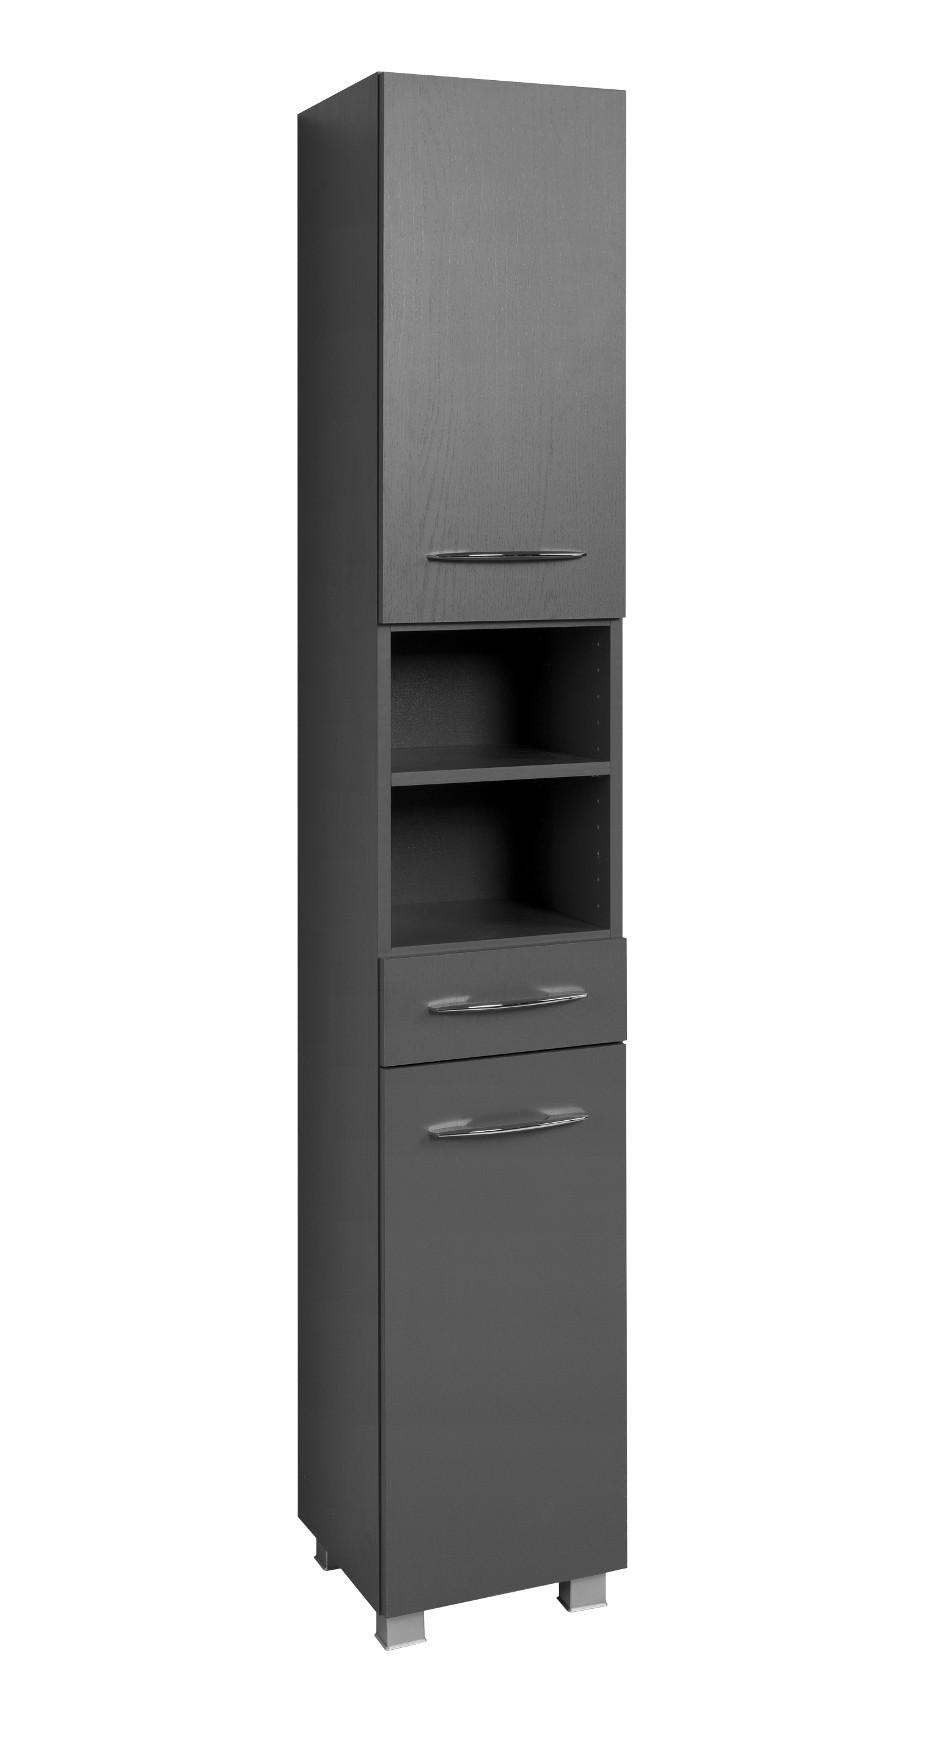 badezimmer hochschrank portofino seitenschrank badschrank 30 cm graphit grau ebay. Black Bedroom Furniture Sets. Home Design Ideas